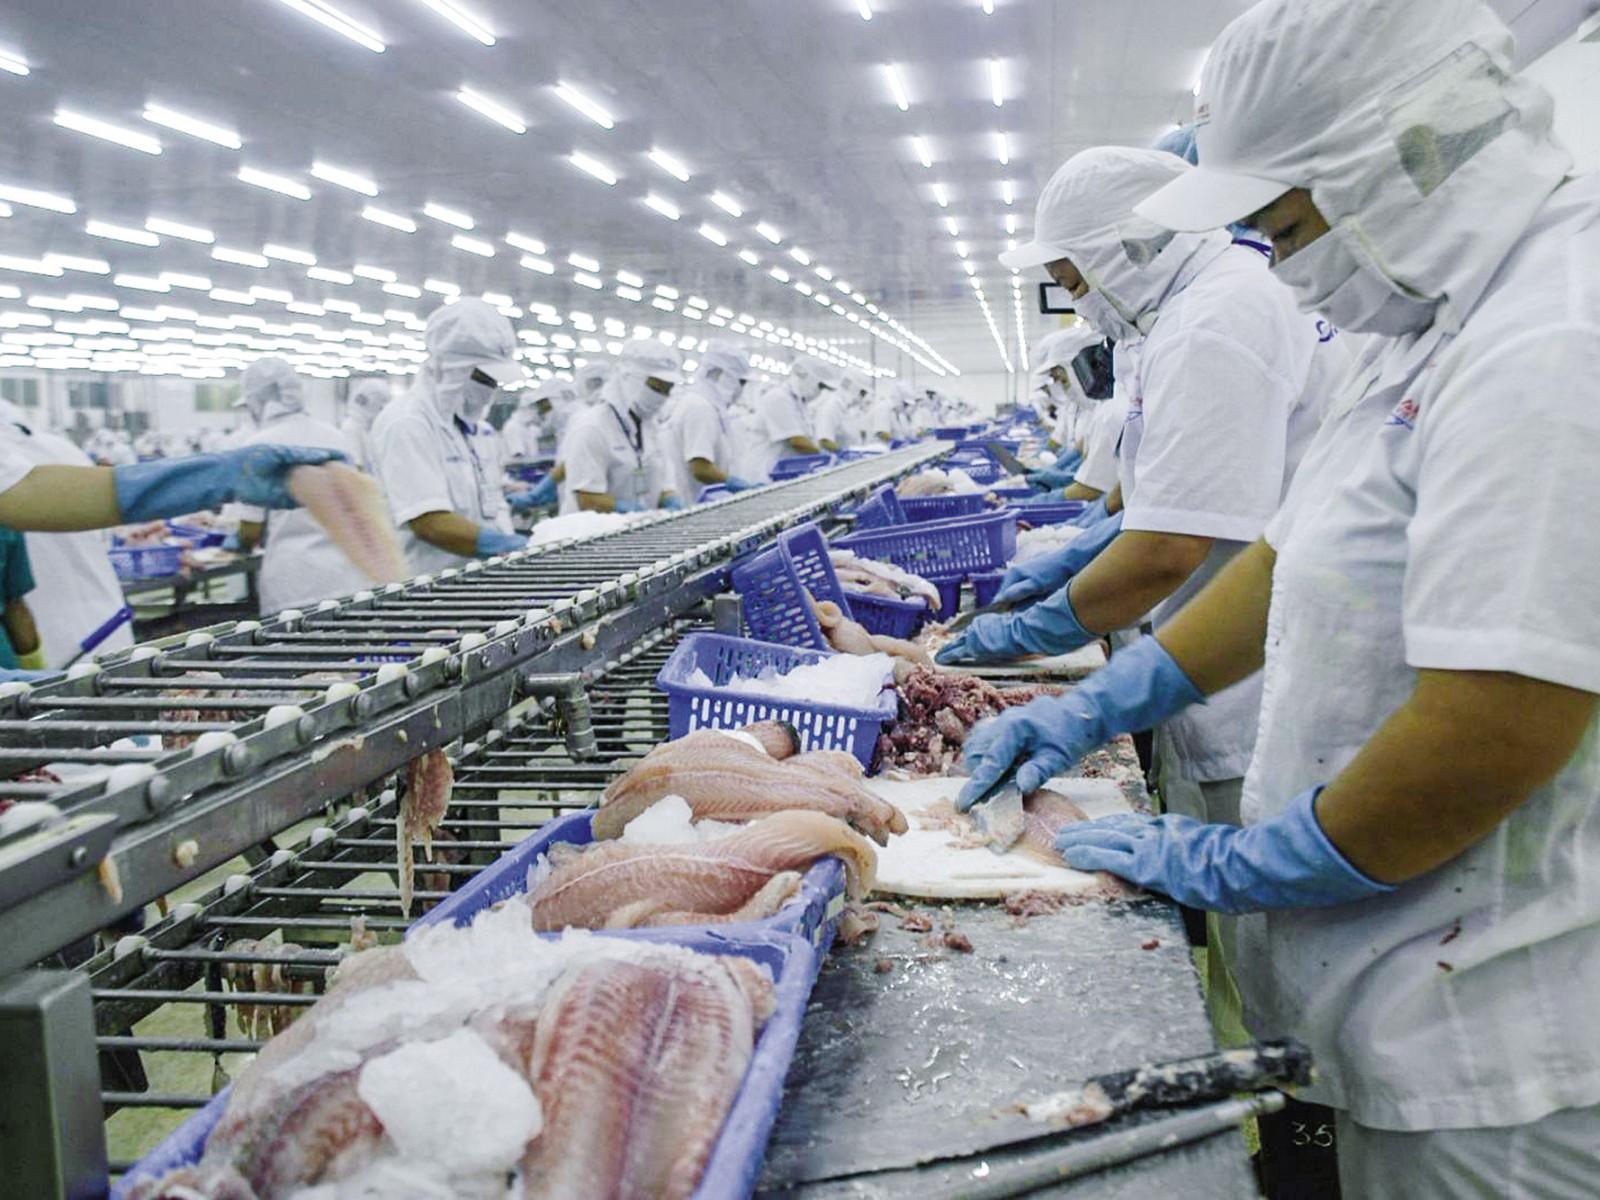 Chế biến cá tra phile xuất khẩu tại Công ty Cổ phần Xuất nhập khẩu thủy sản Cần Thơ (CASEAMEX).